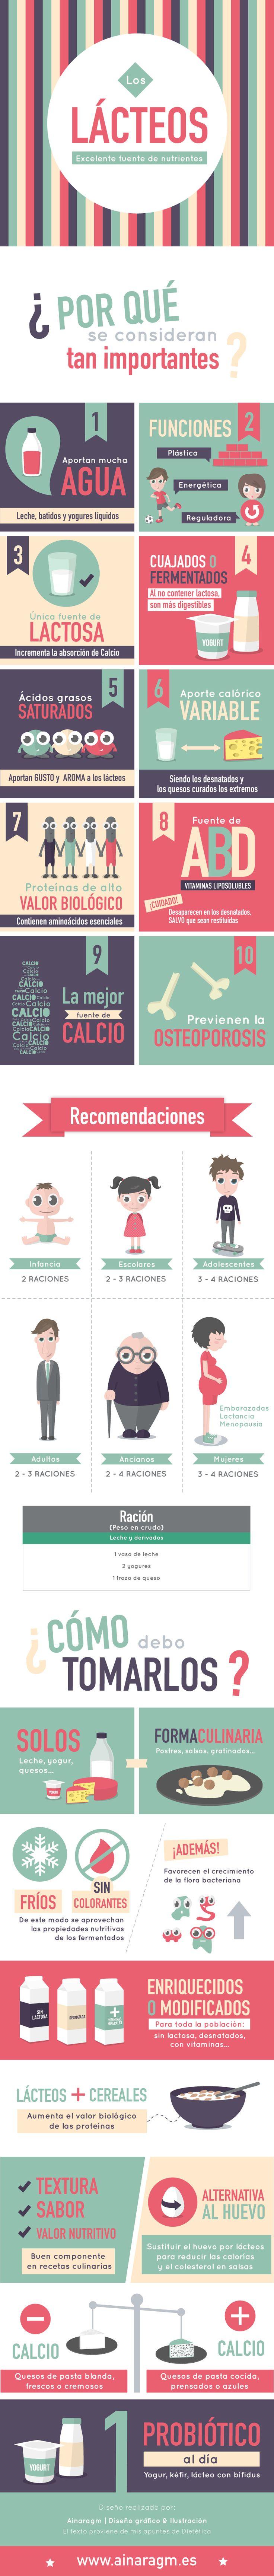 Infografía sobre la leche y sus derivados #dietetica #dieta #salud #infografia #diseño #ilustracion